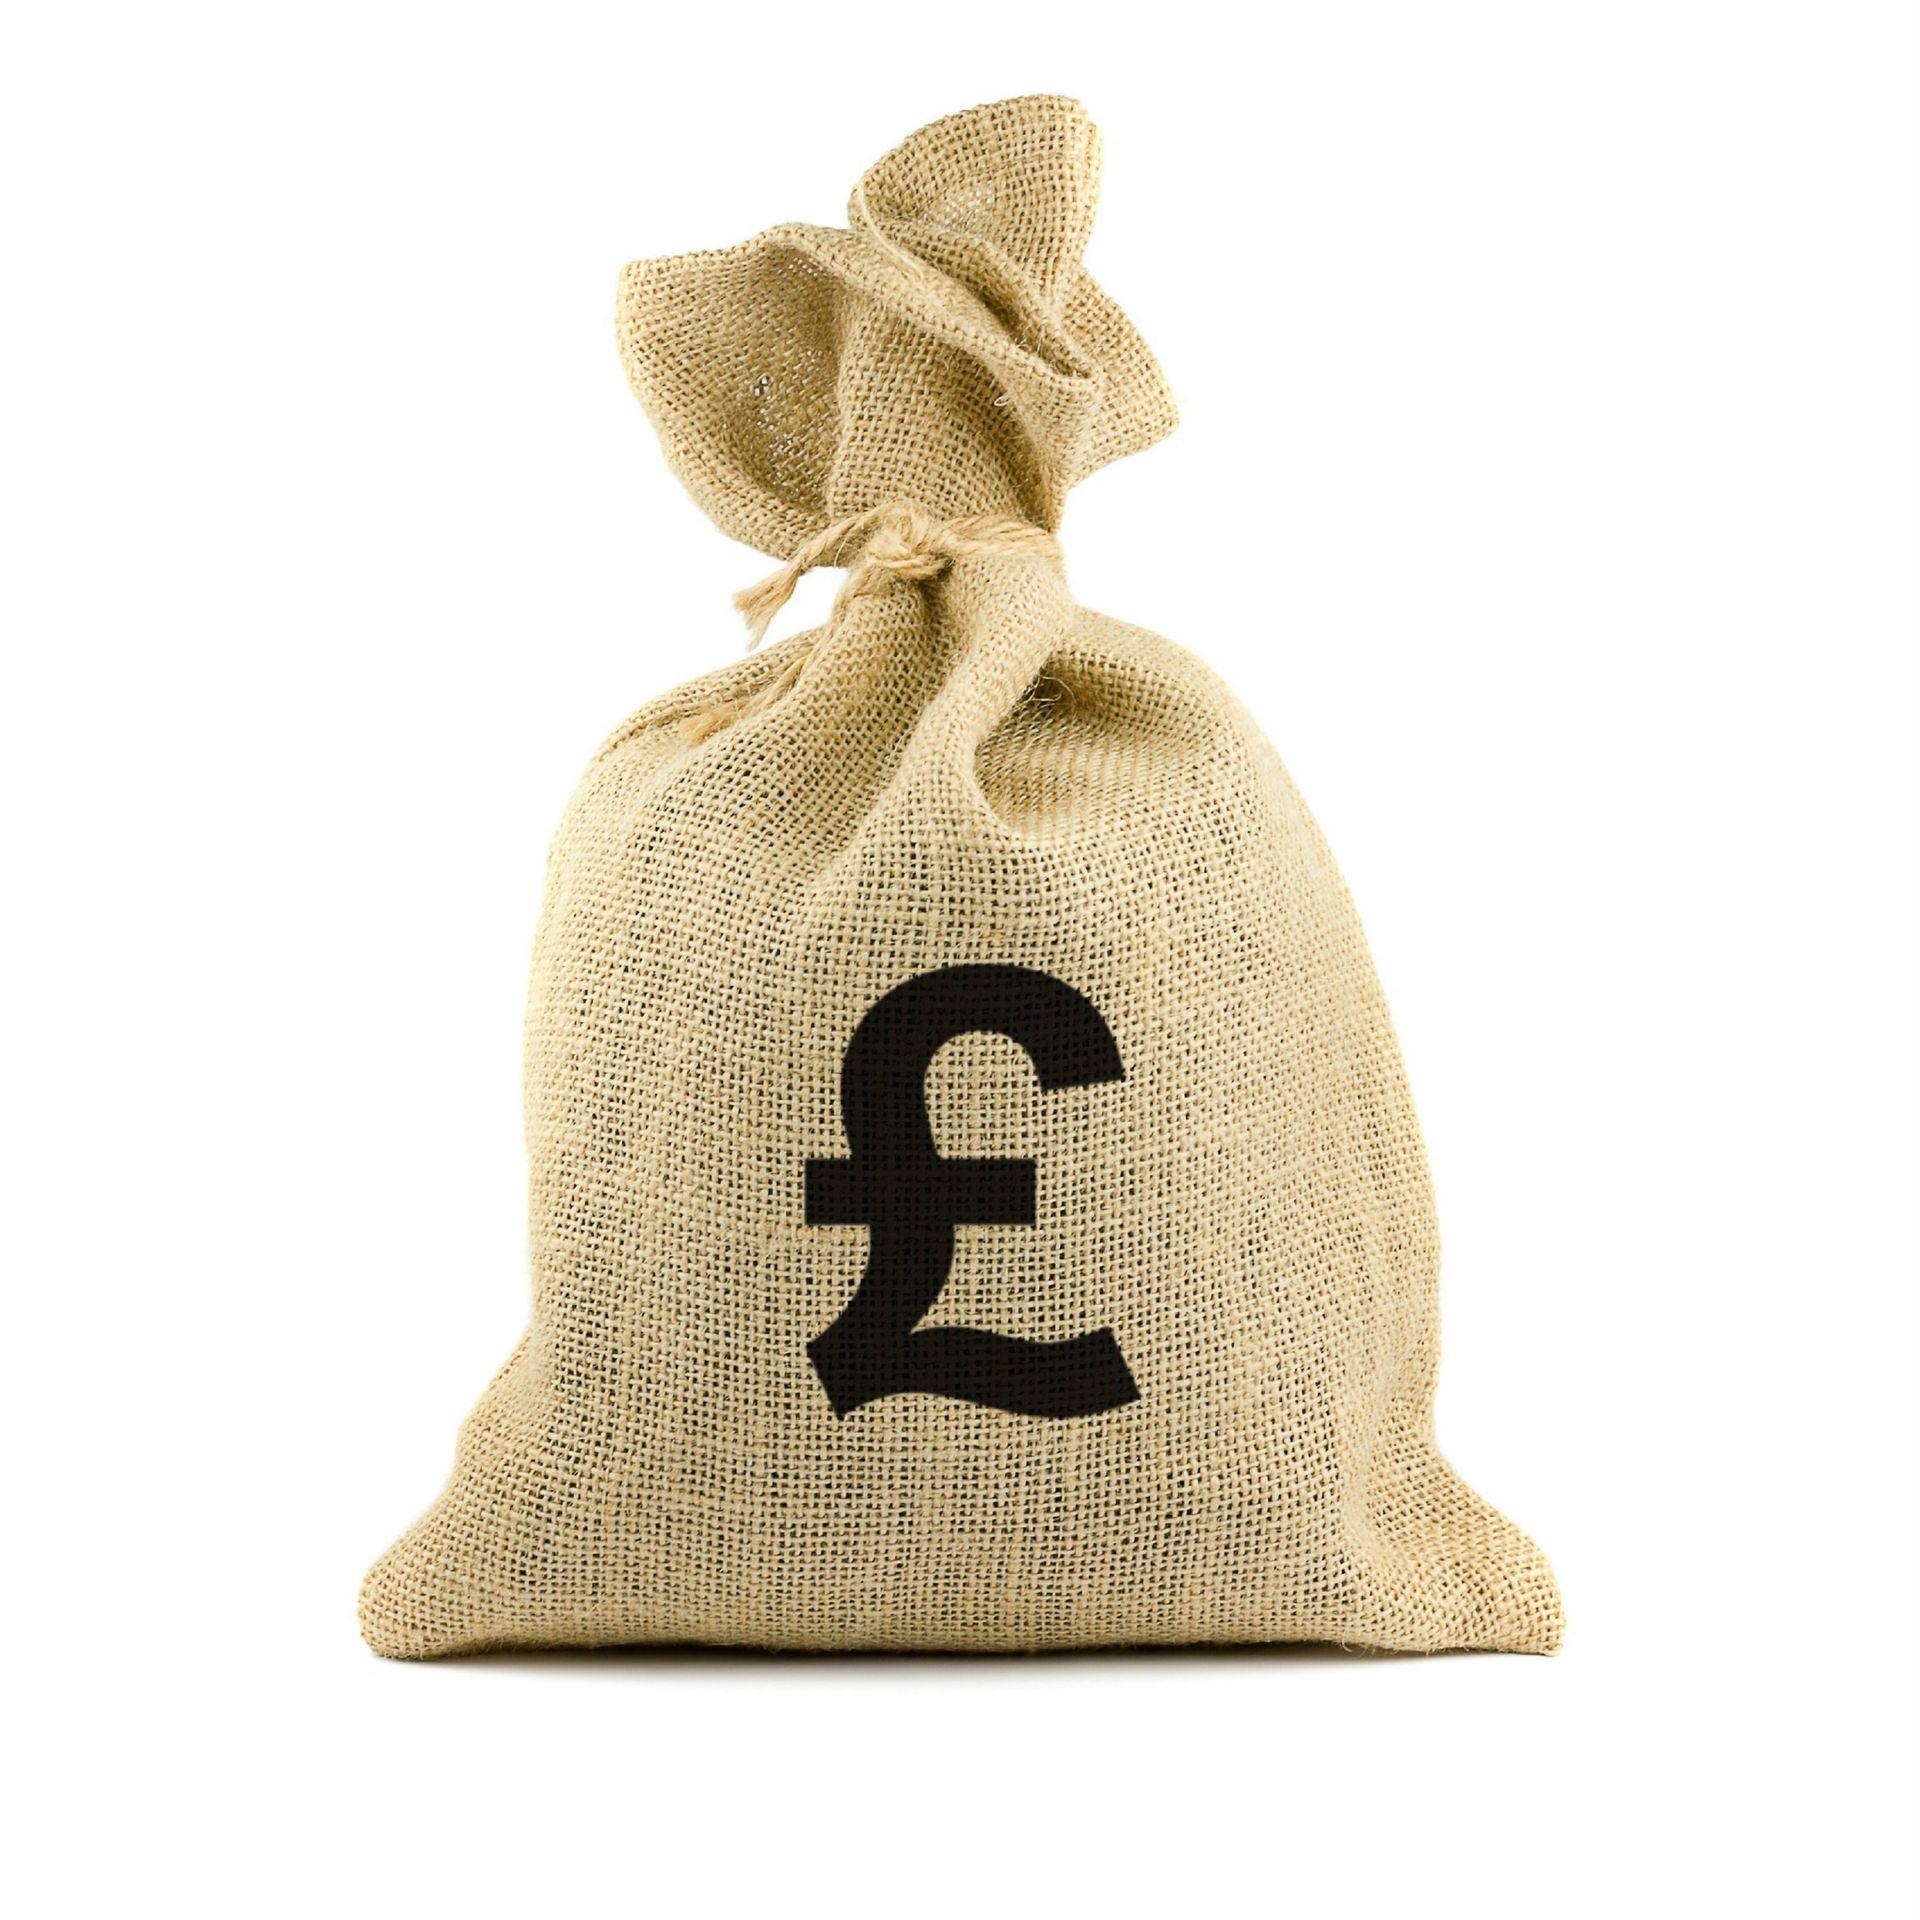 money-bag-money (2)